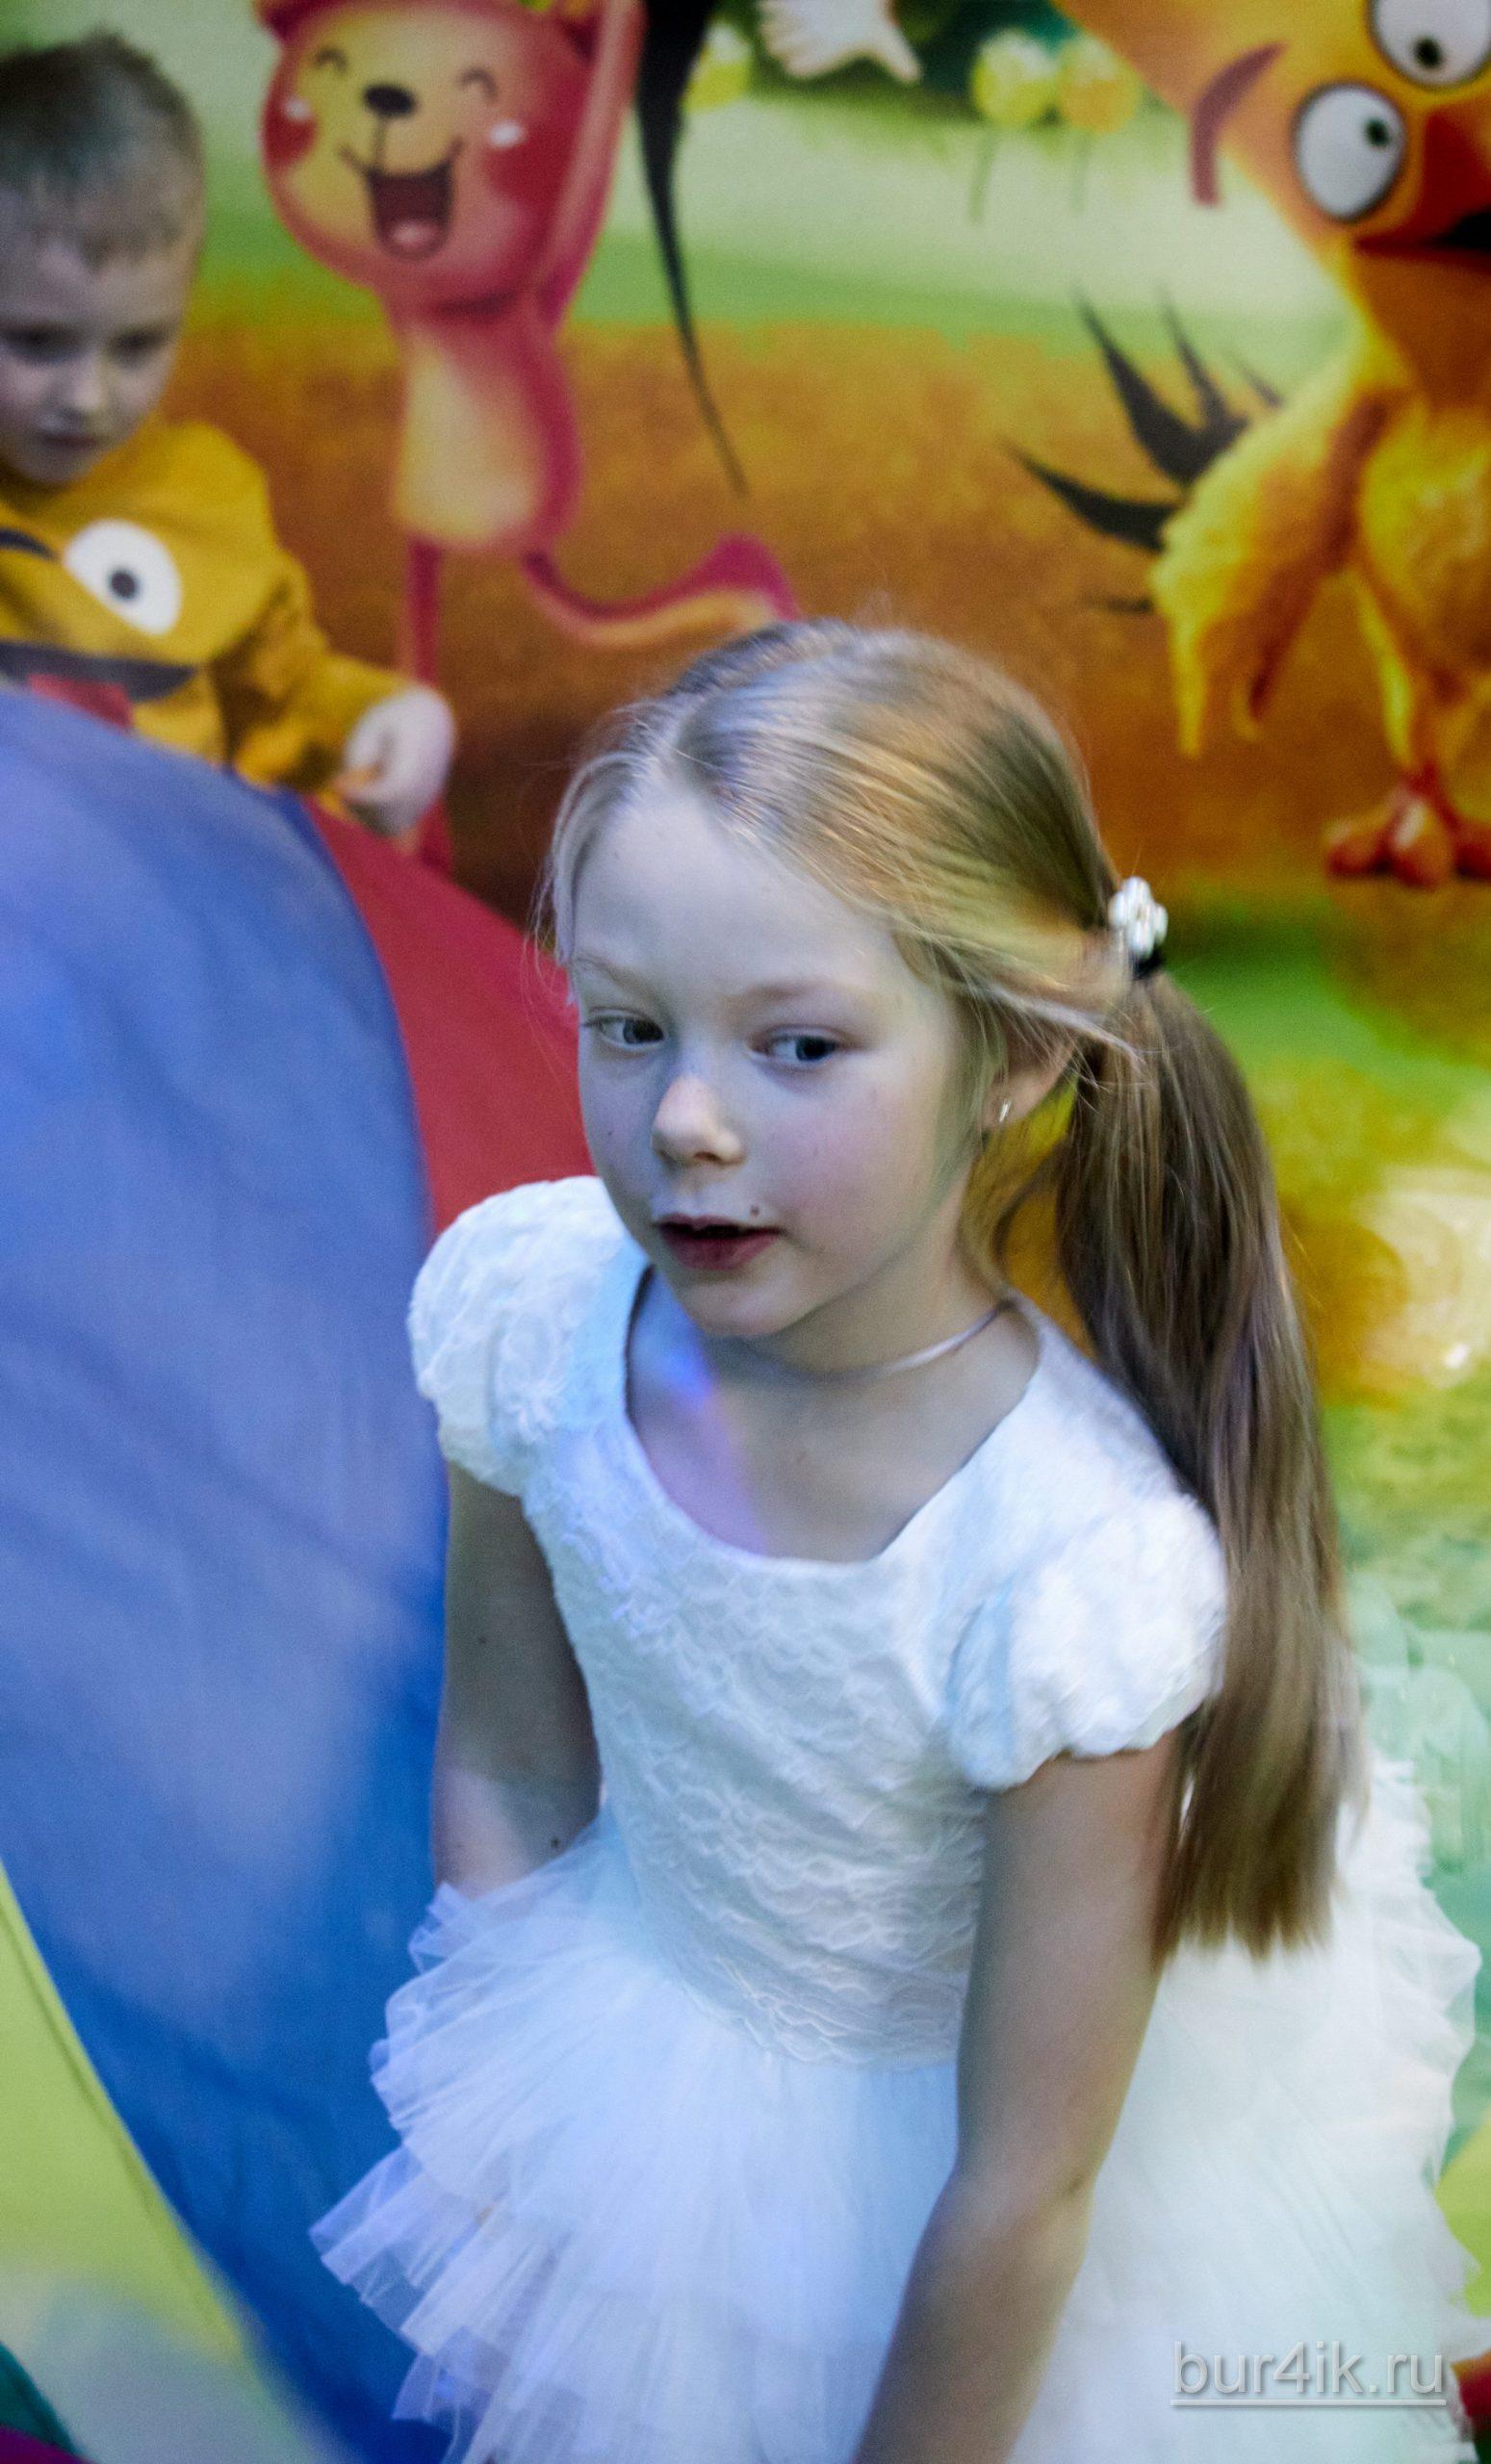 Фото Детское День Рождения в Детский Дворик 15.01.2020 №220 -photo- bur4ik.ru